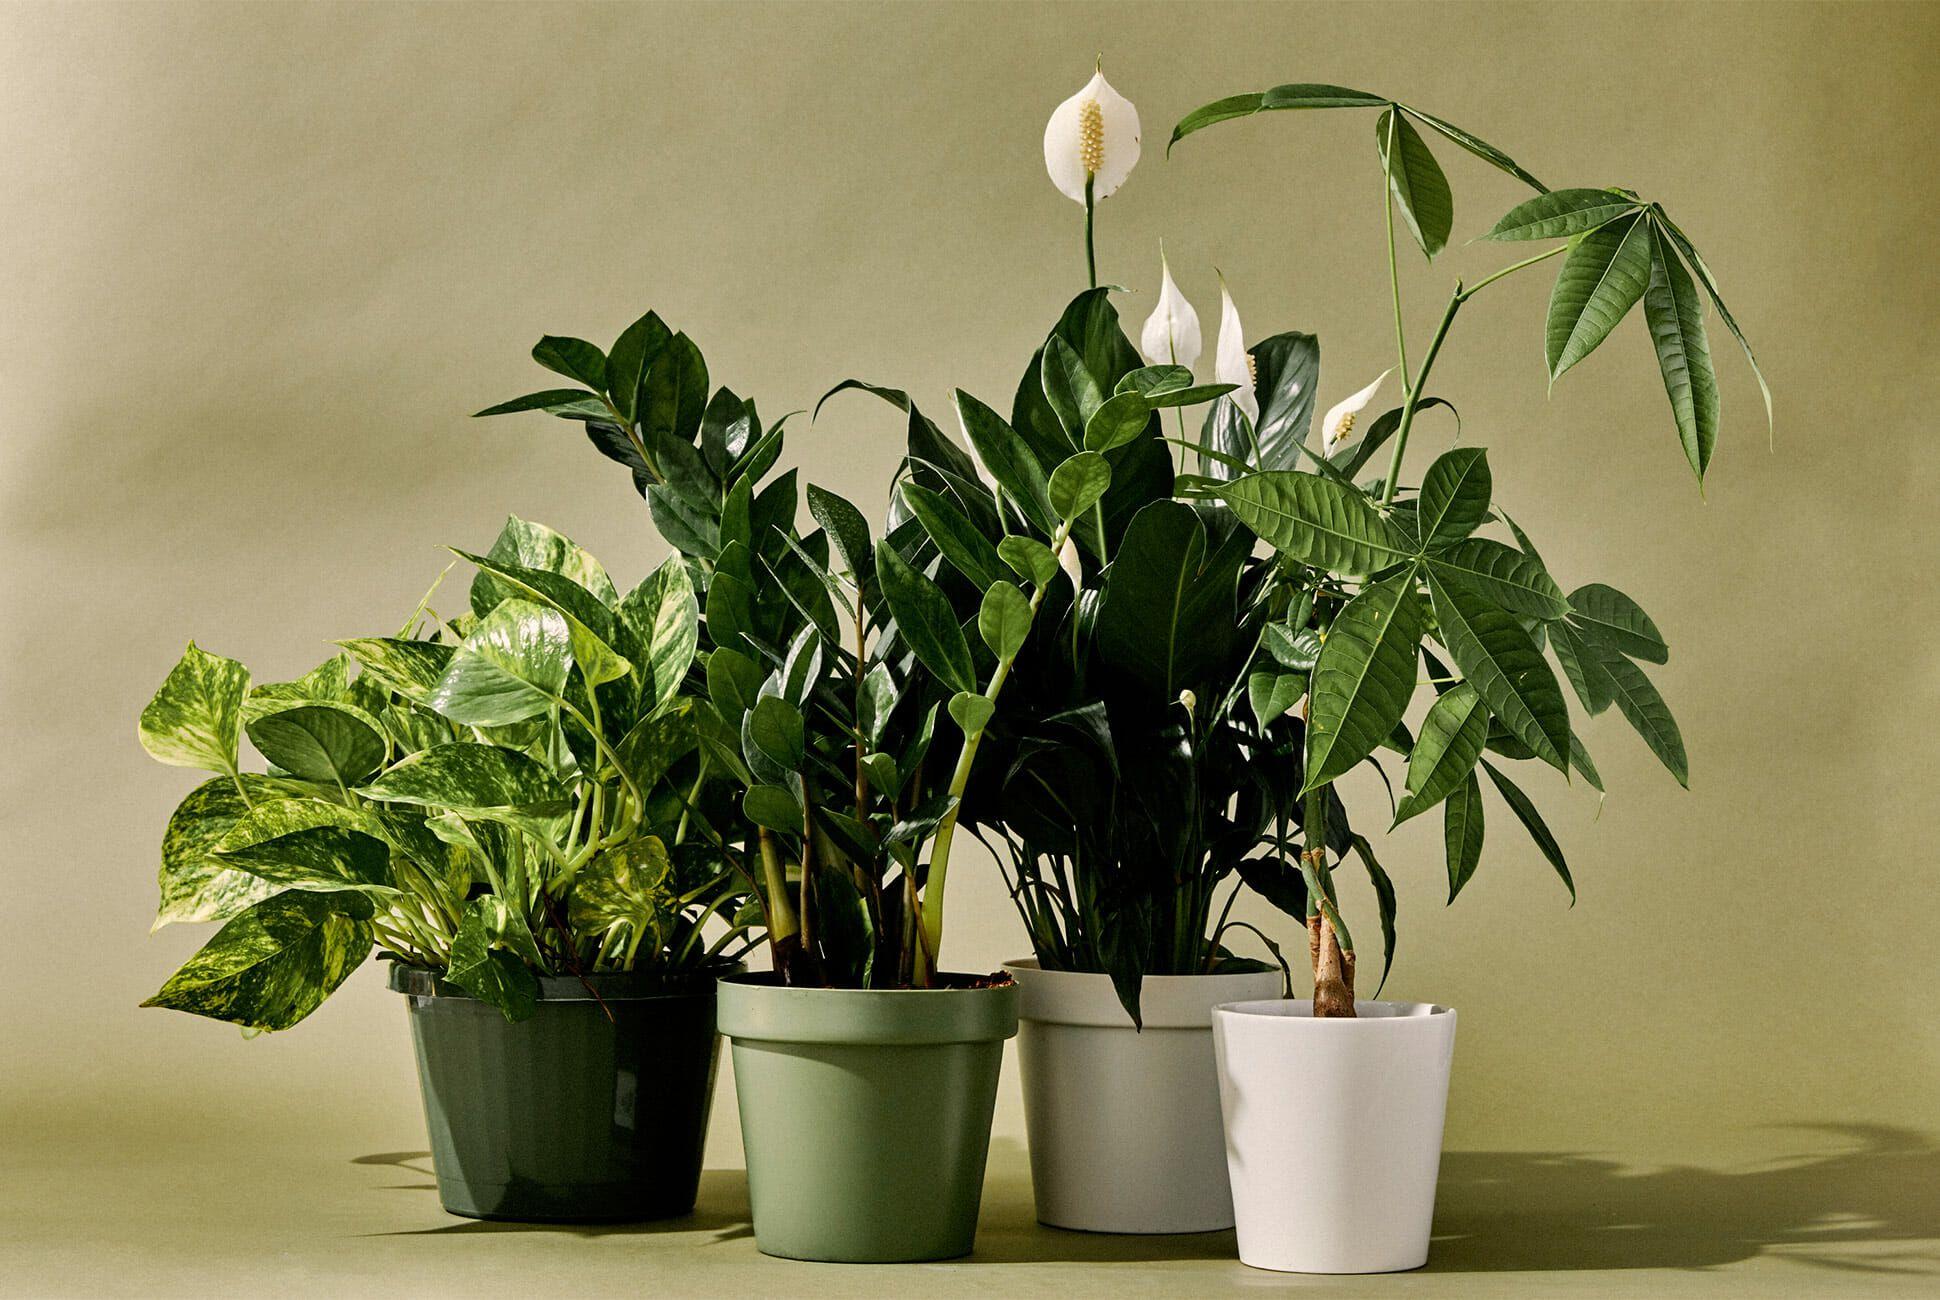 طراحی فروشگاه اینترنتی گل و گیاه ندا